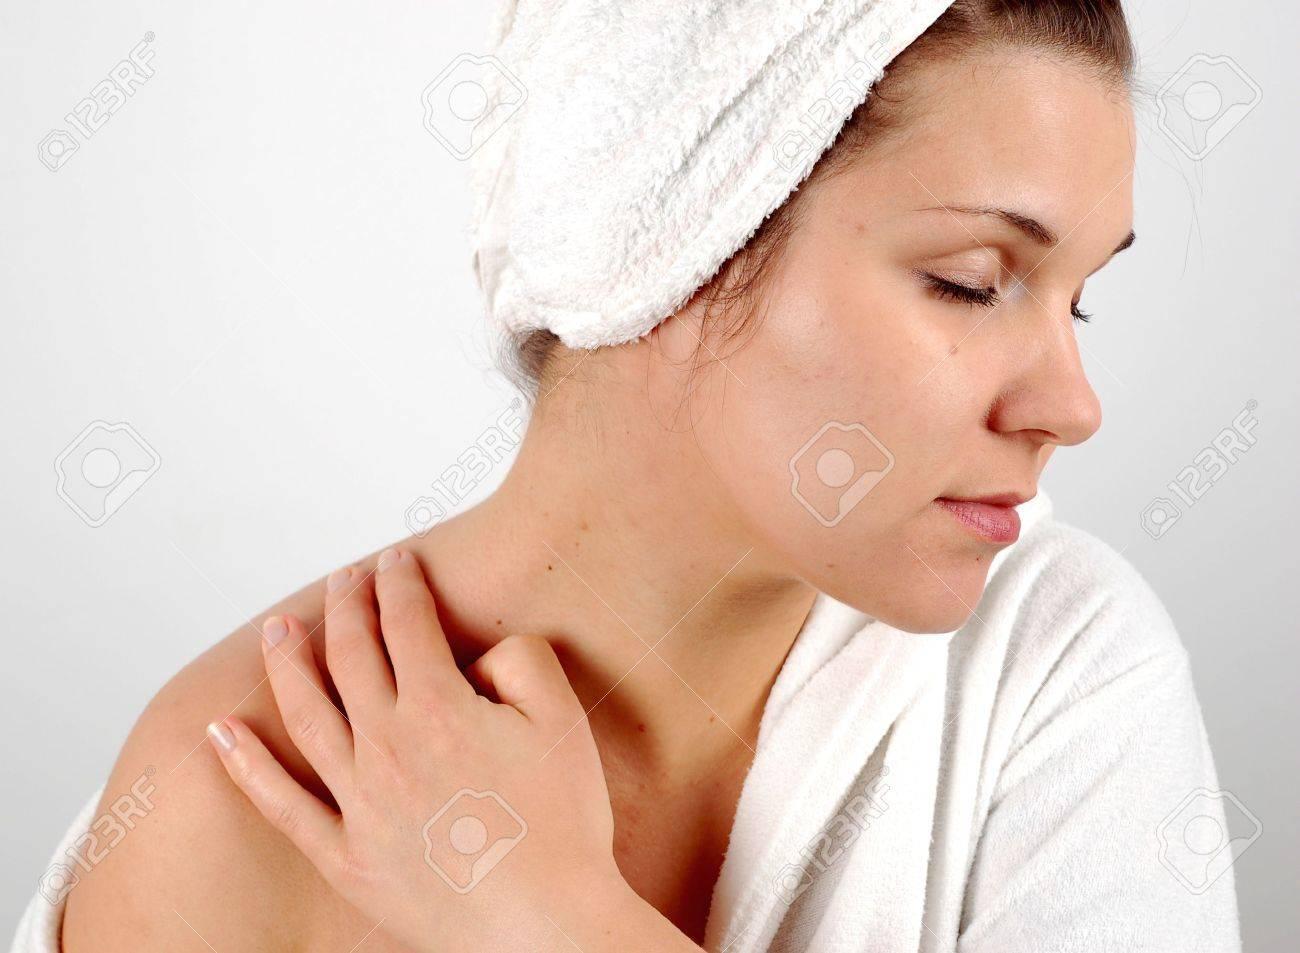 massage #5 Stock Photo - 782162